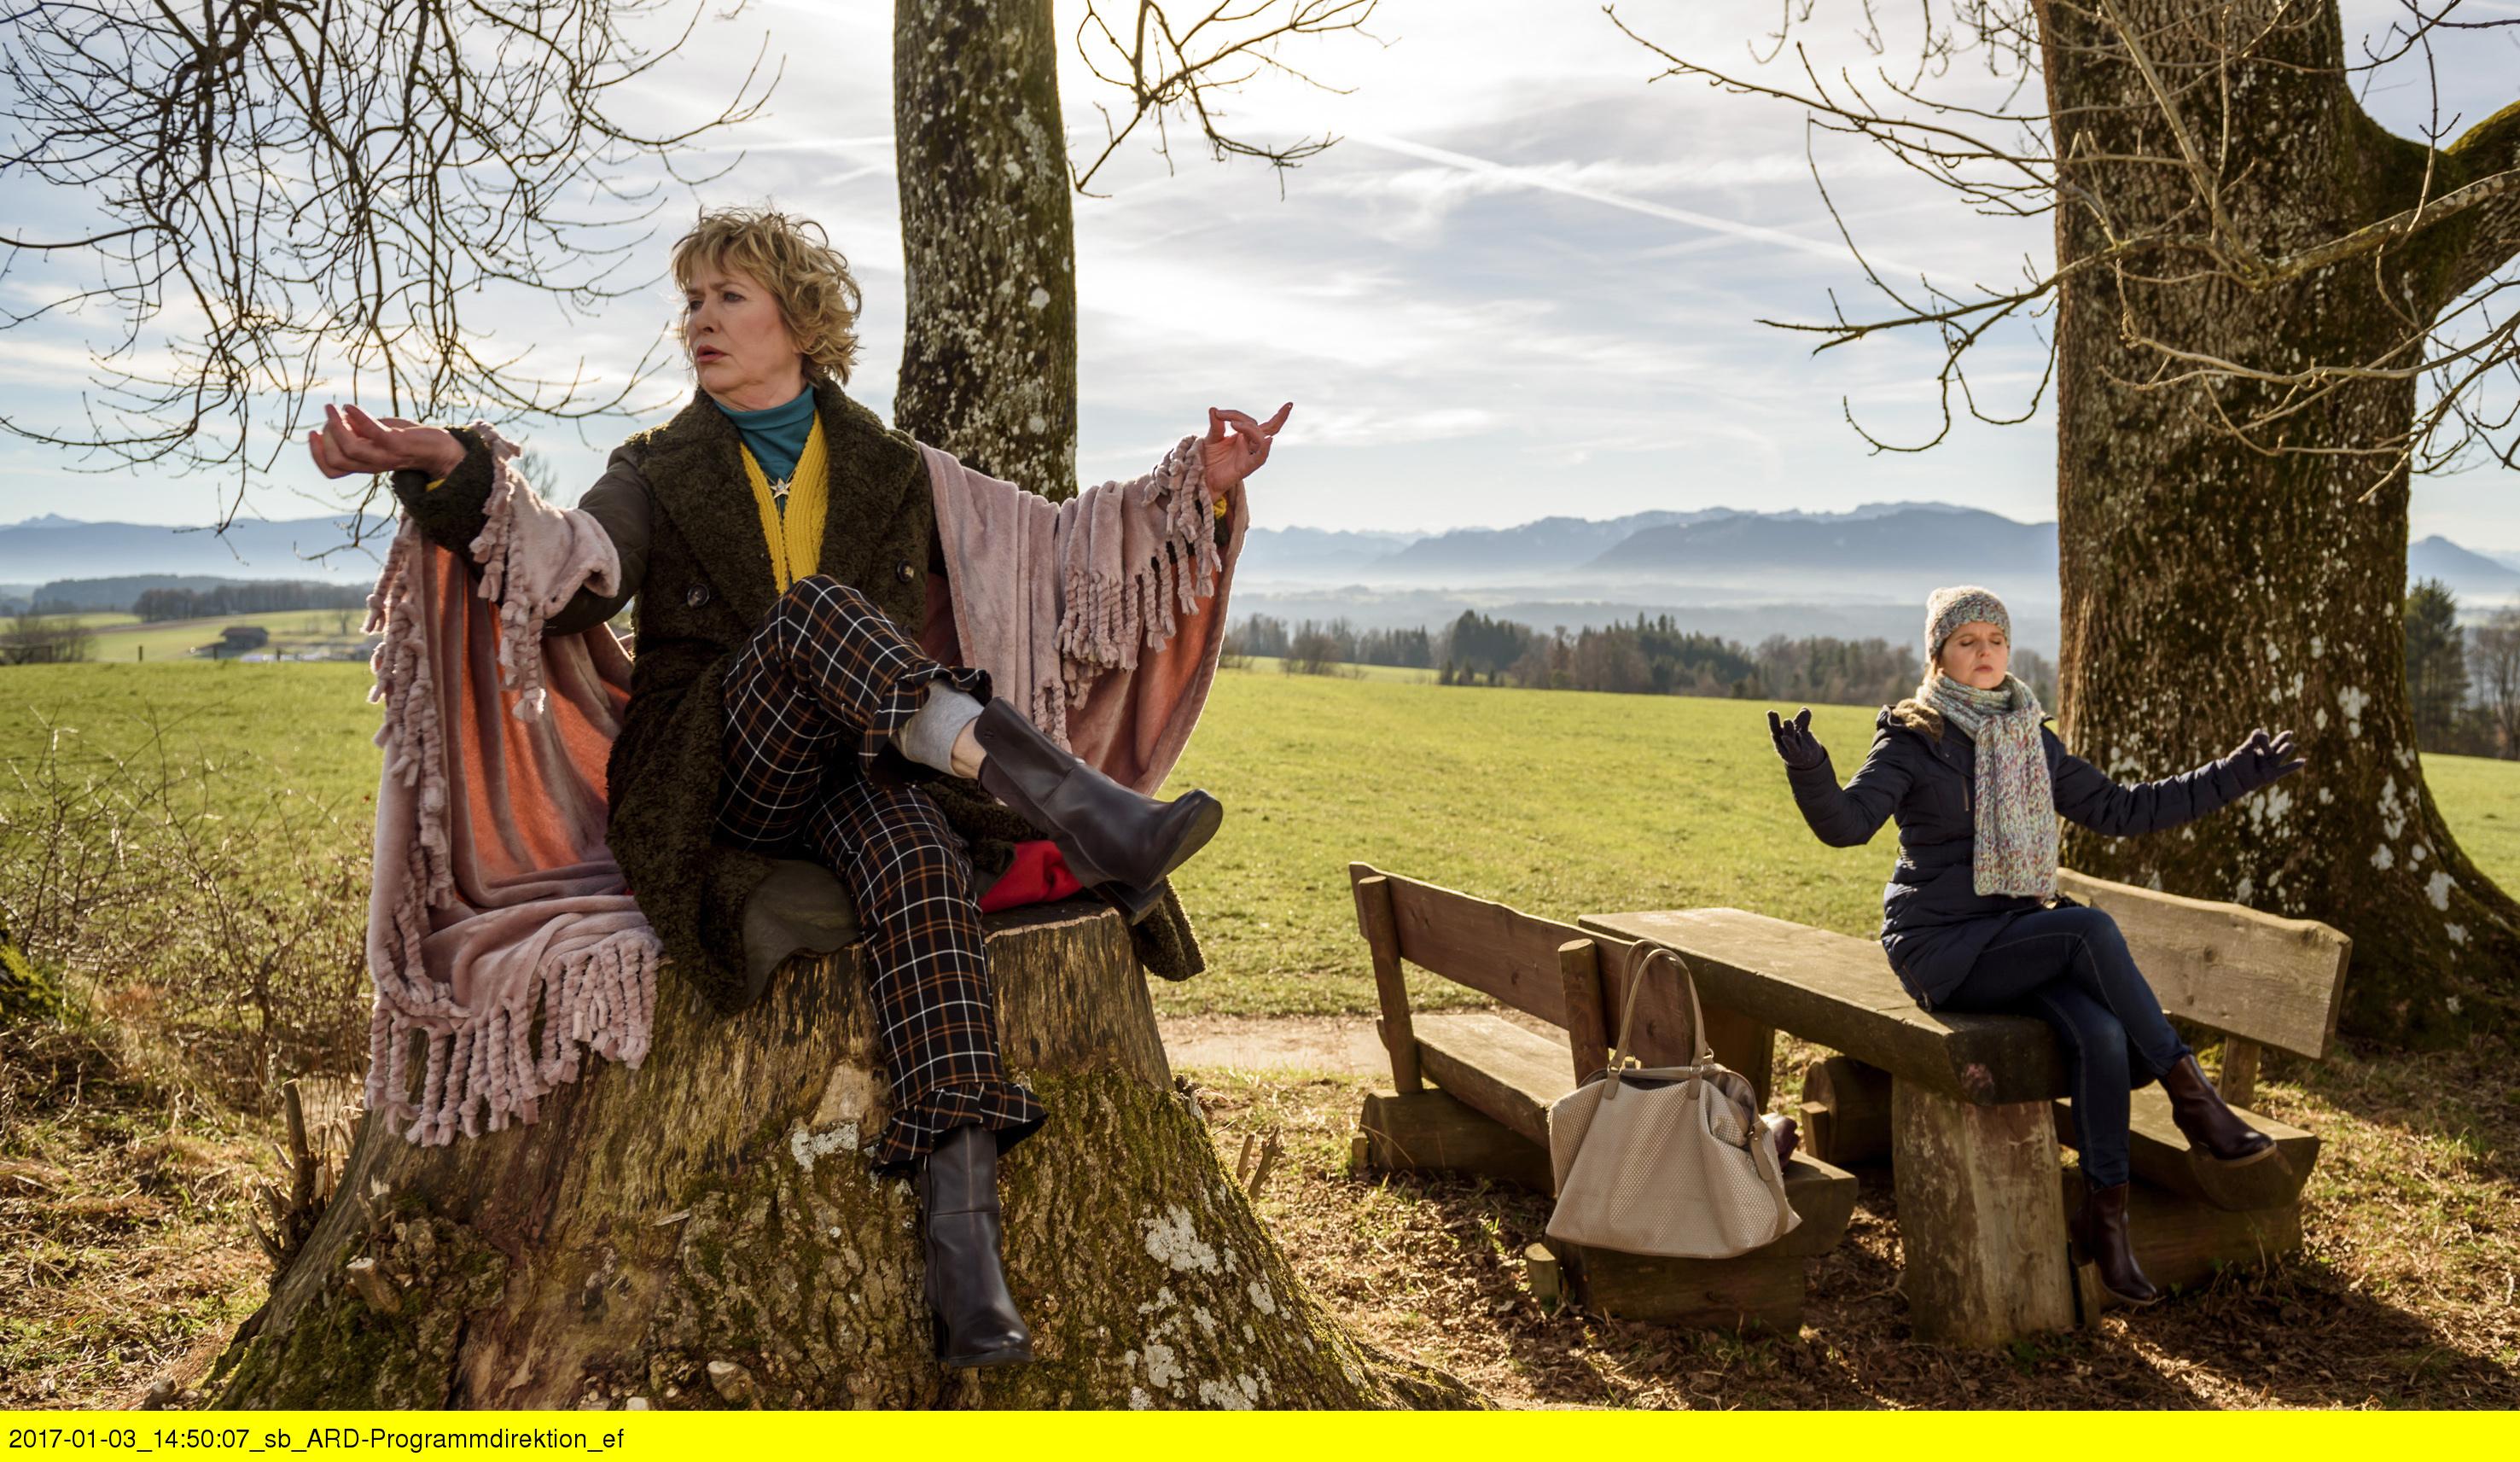 """ARD STURM DER LIEBE FOLGE 2638, am Freitag (24.02.17) um 15:10 Uhr im ERSTEN. Melli (Bojana Golenac, r.) und Gerti (Beatrice Richter, l.) machen eine """"Seelenreise"""". (Quelle: ARD/Christof Arnold)"""